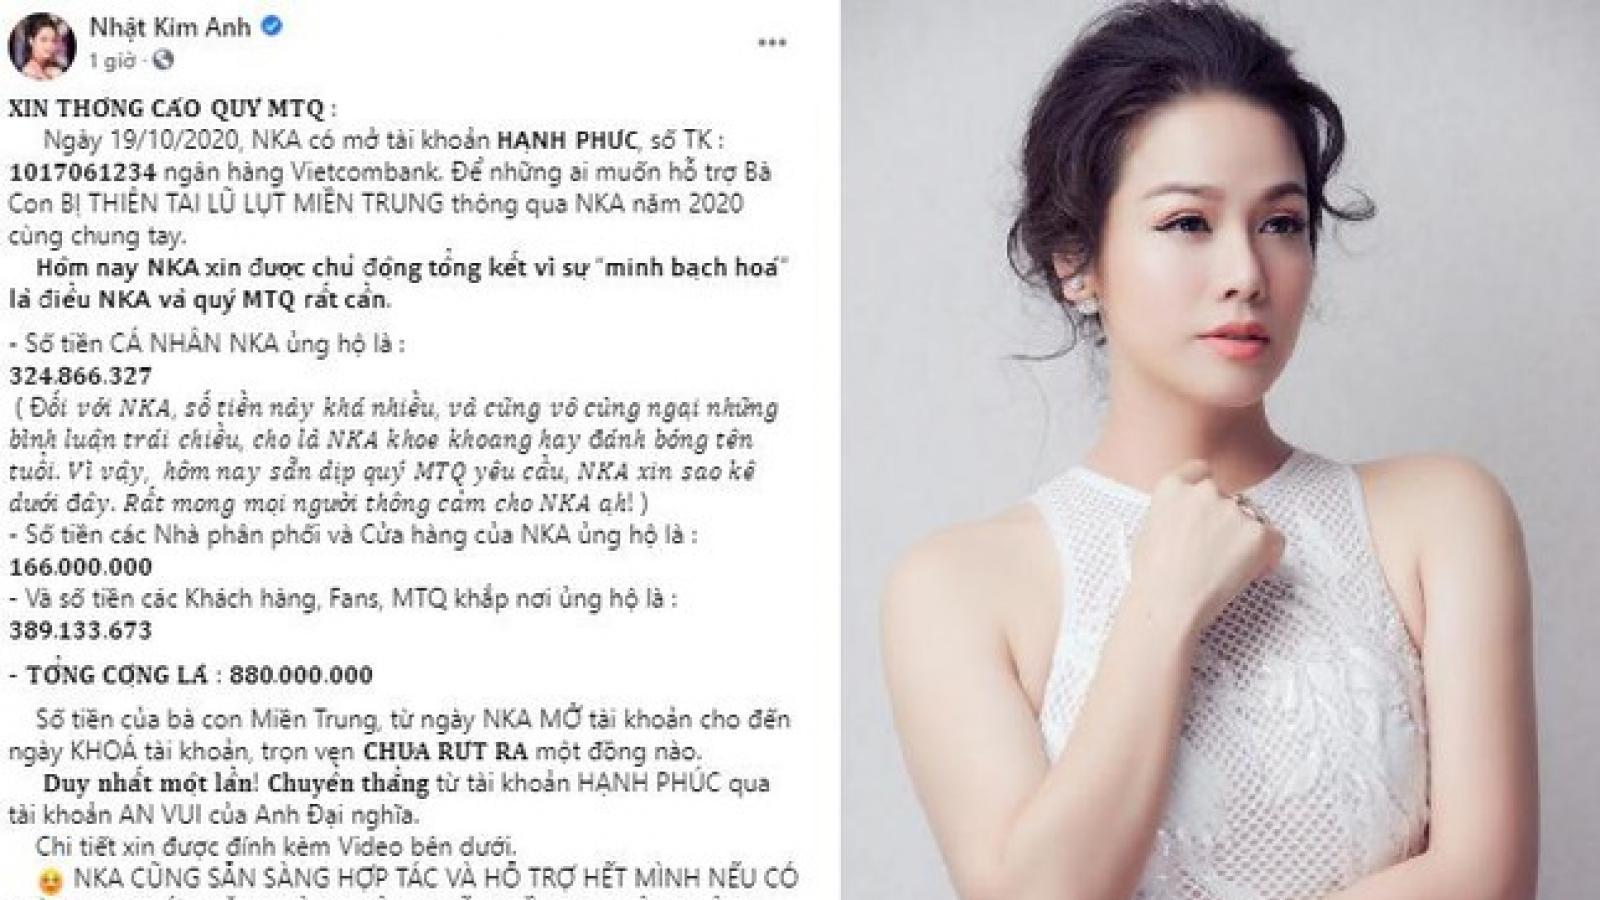 Chuyện showbiz: Nhật Kim Anh công bố sao kê tài khoản kêu gọi tiền từ thiện